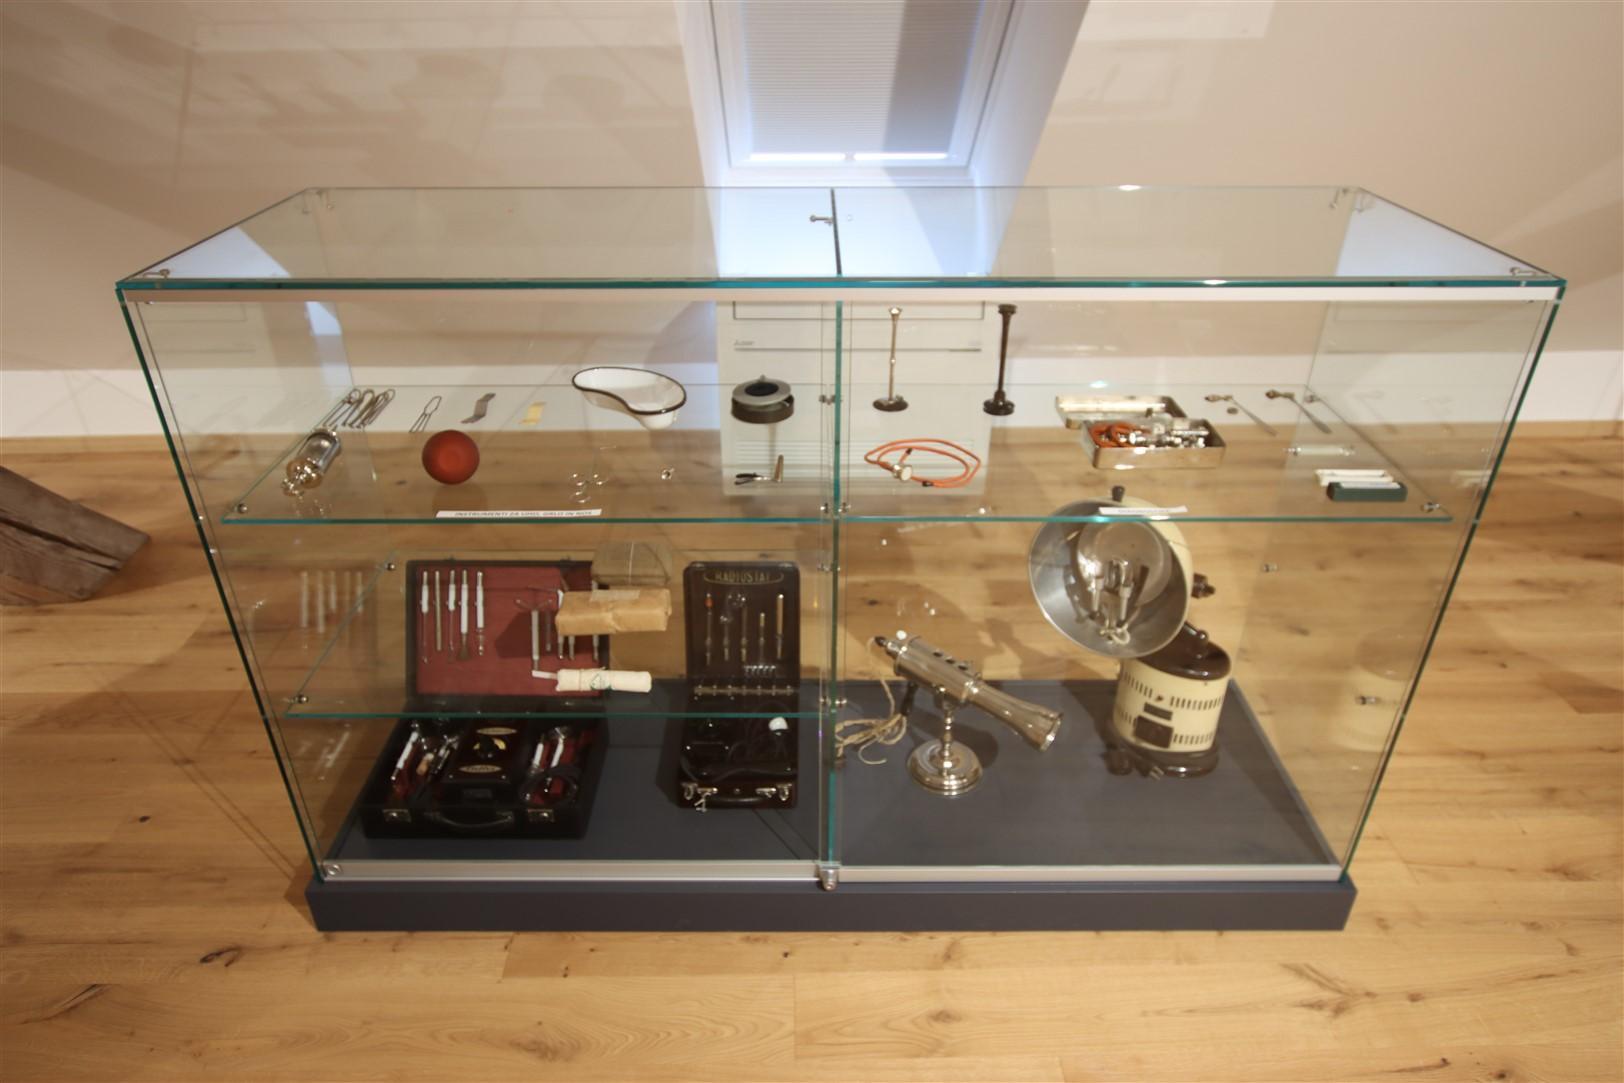 Zakladi iz depojev Medicinski instrumenti in pripomocki 2